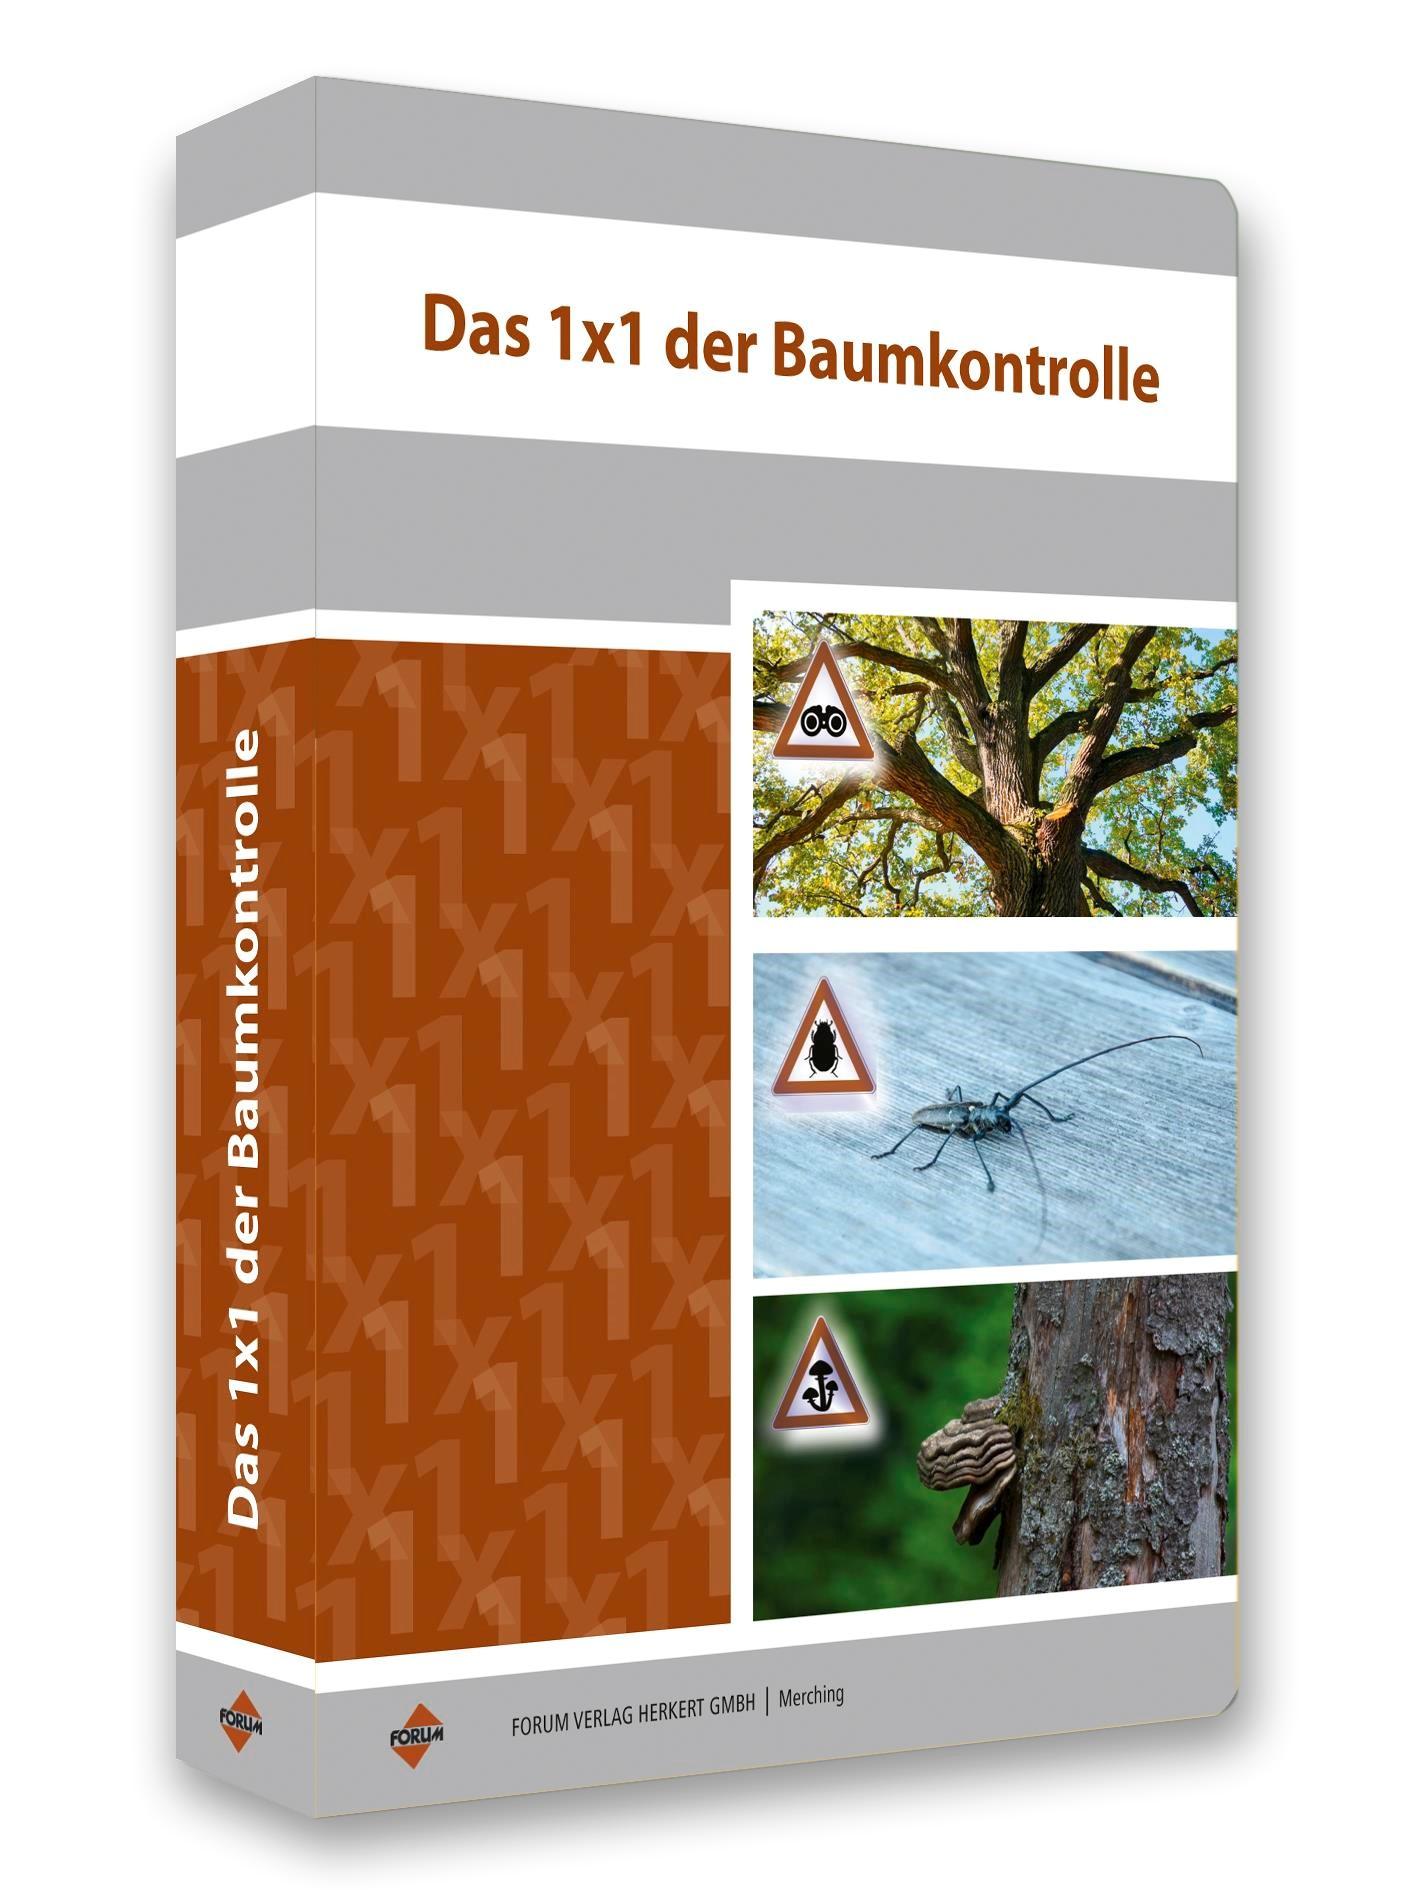 Das 1x1 der Baumkontrolle, 2014 | Buch (Cover)